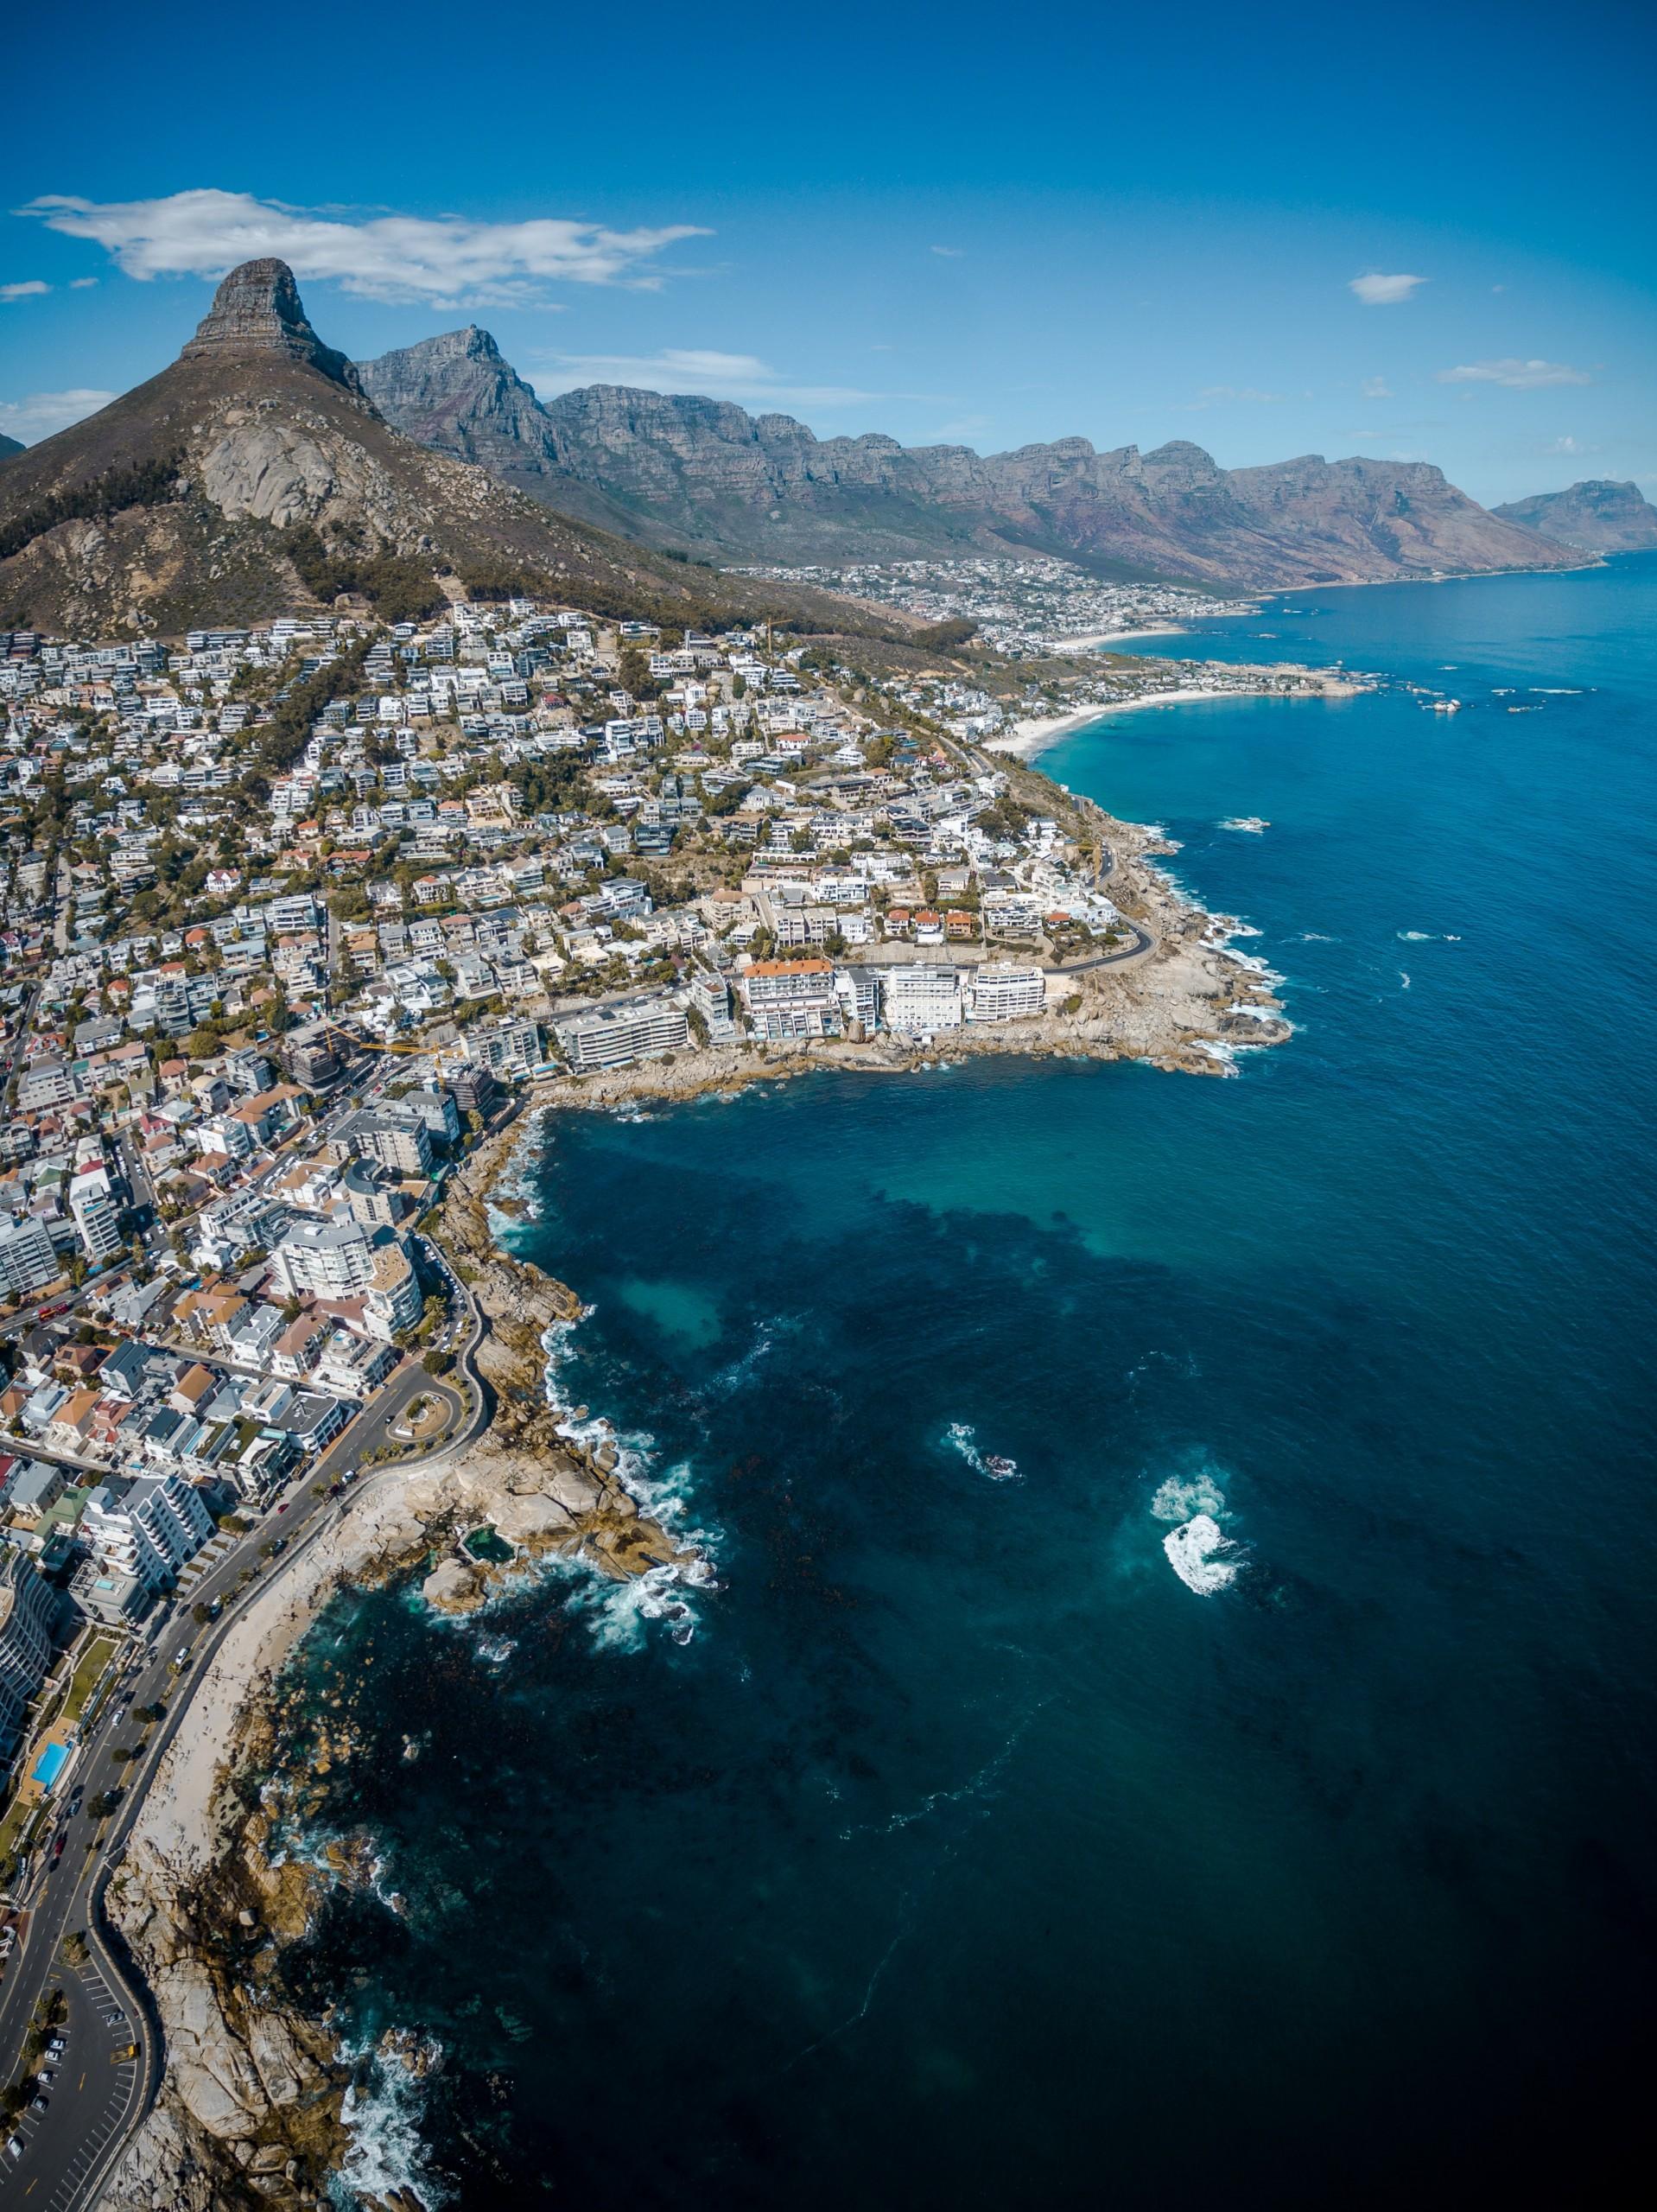 Afrikaans Translation Services